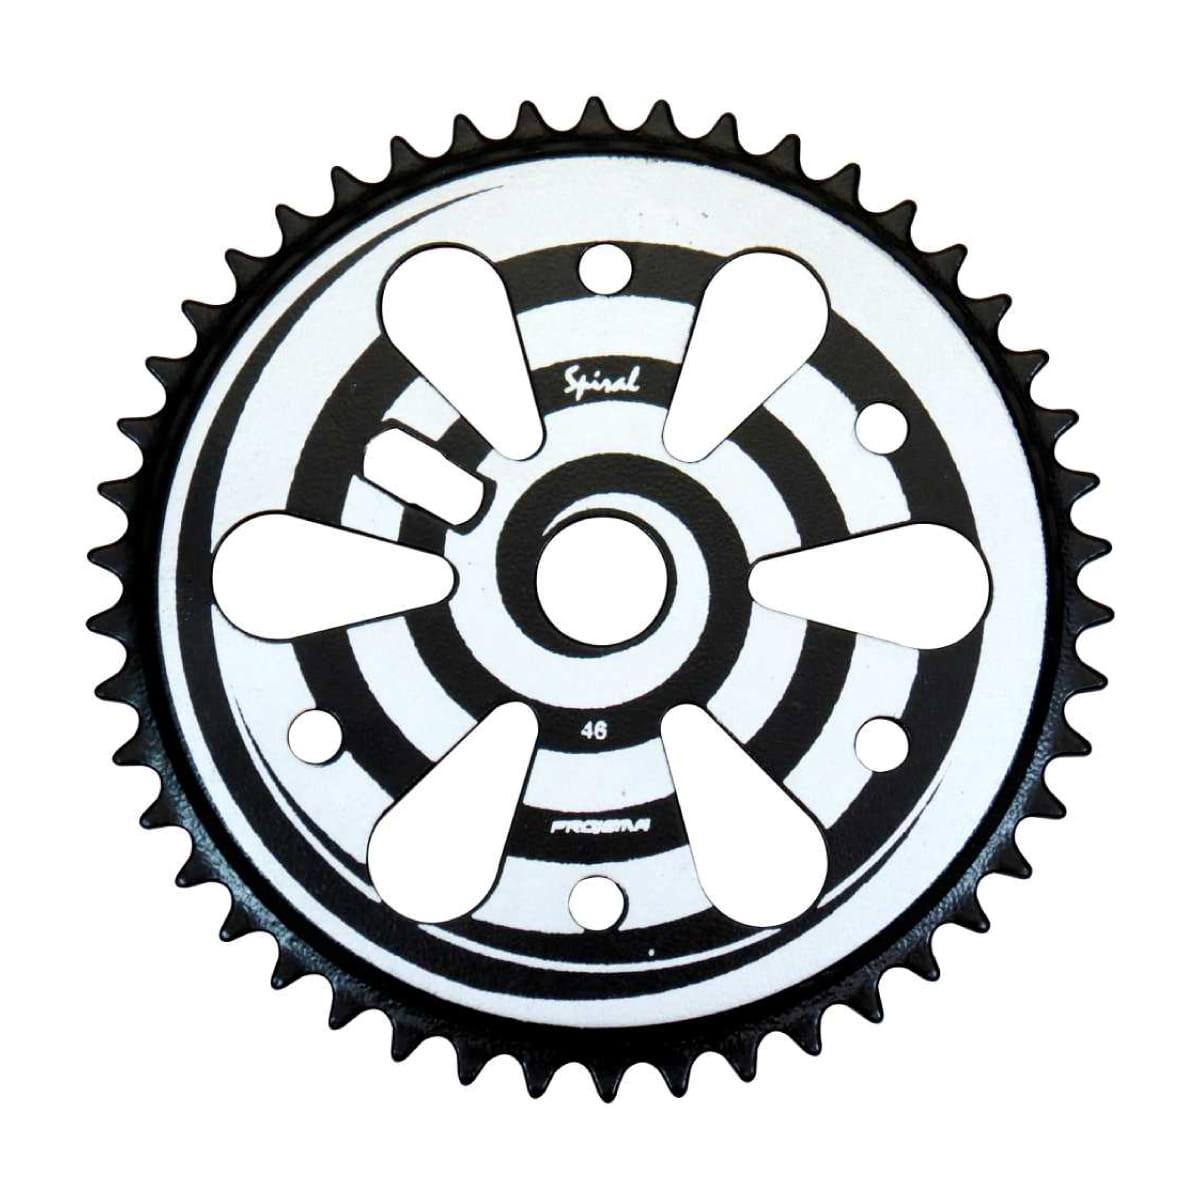 Coroa Projema 43D Spiral Preto e Branco